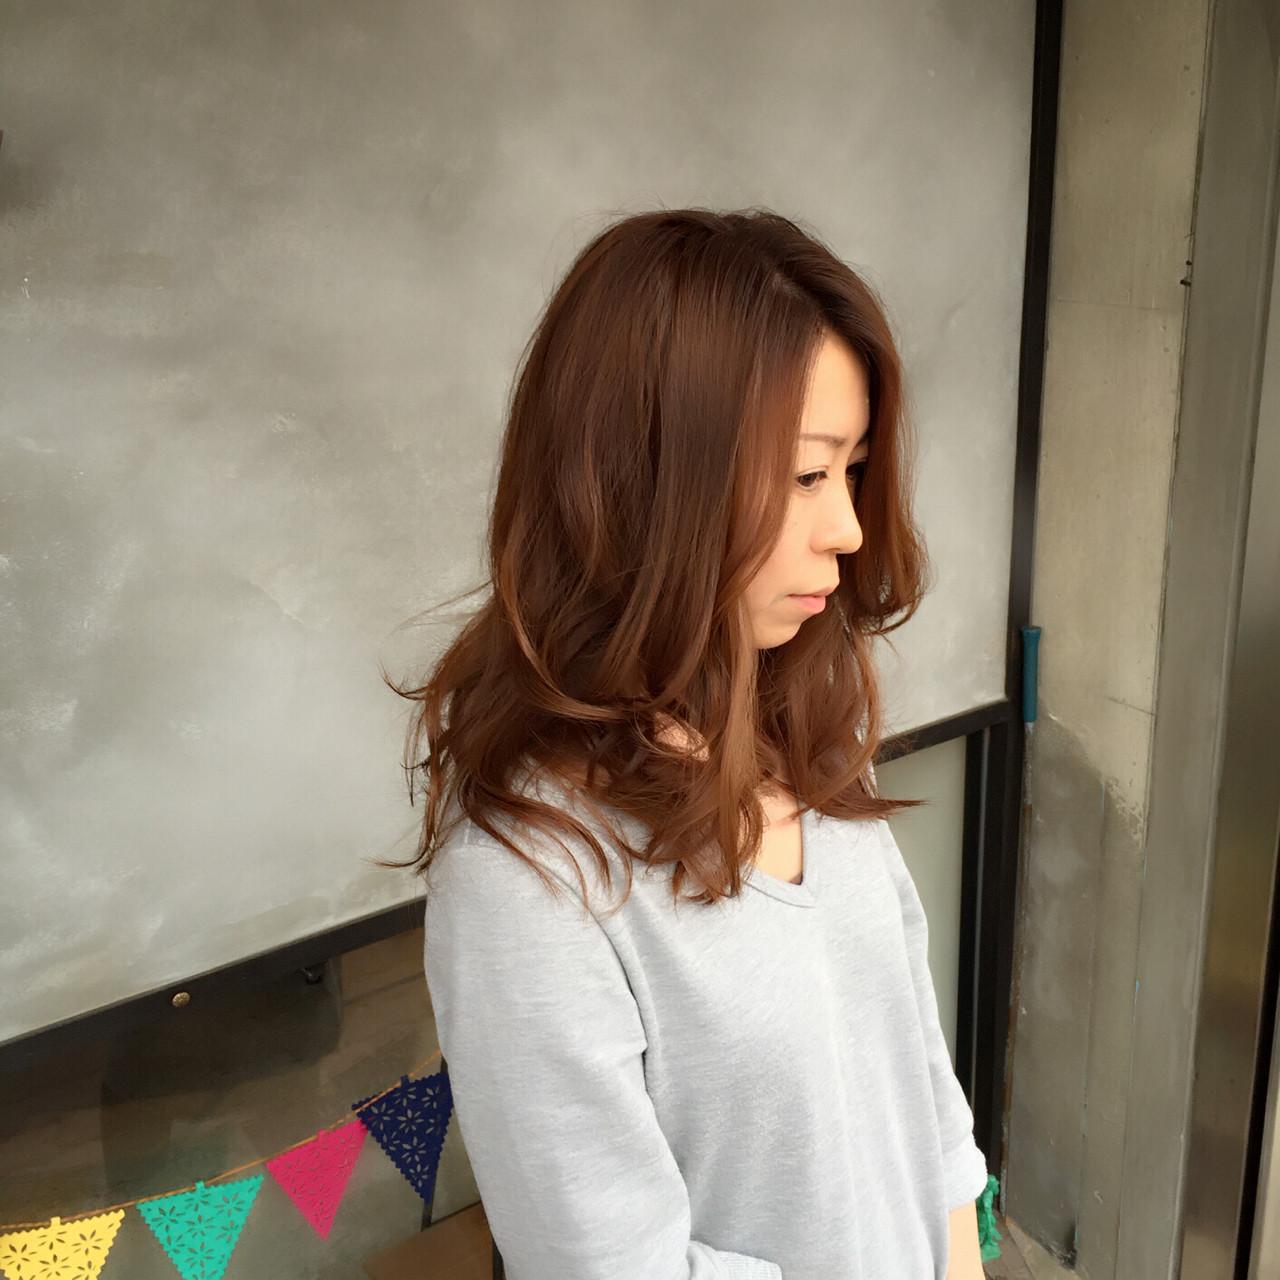 伸ばしっぱなしではもったいない!ロングヘアにはレイヤーがおすすめ Tatsuo Araki